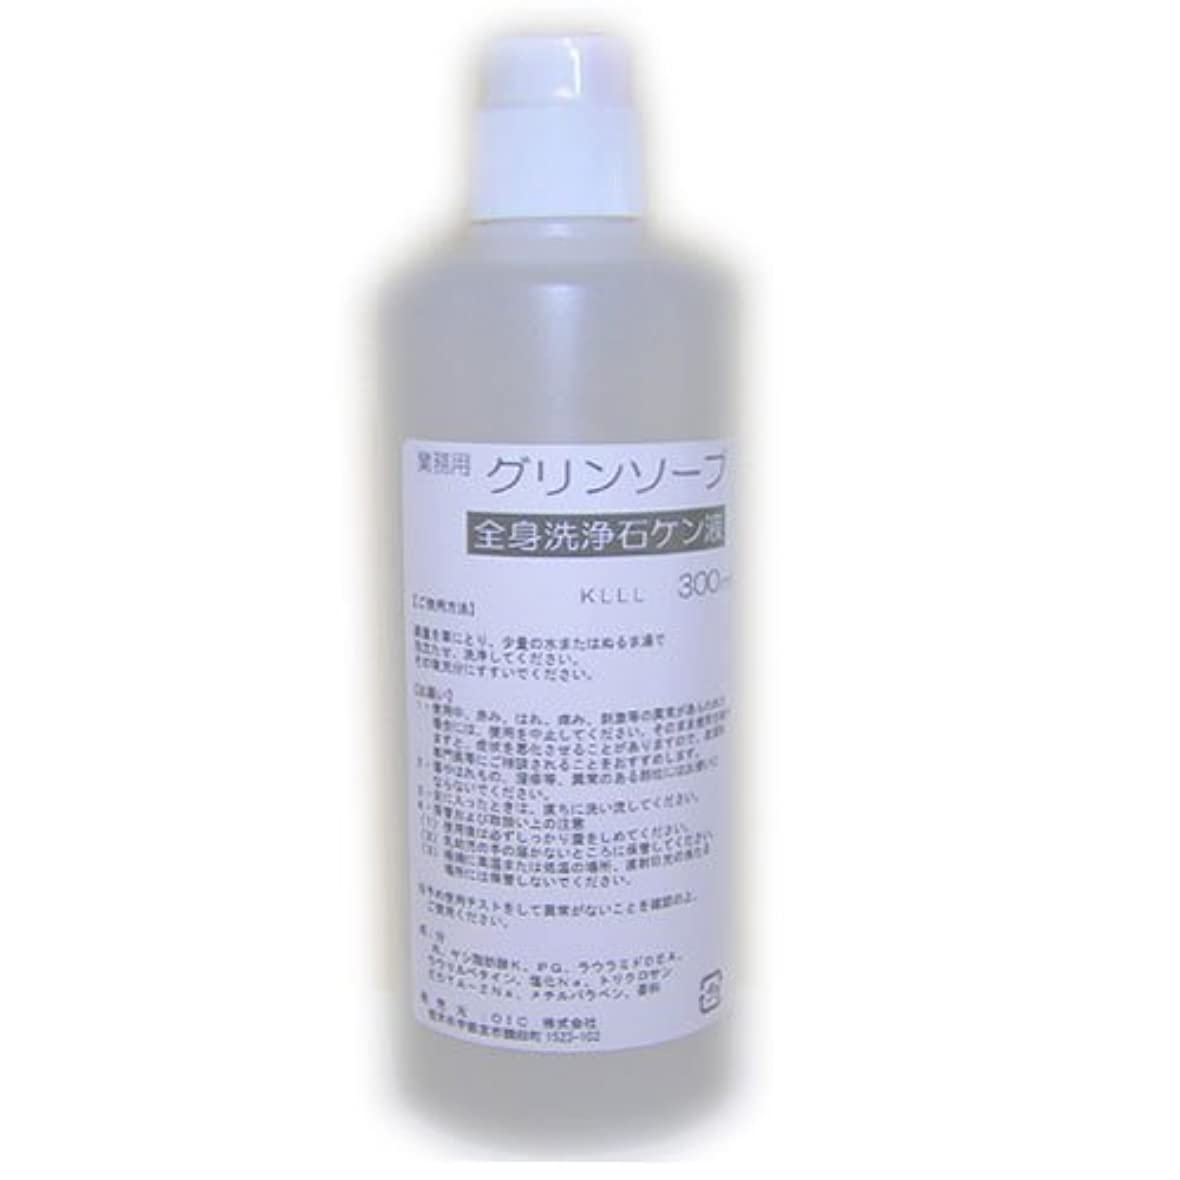 不利益過度の安定業務用ボディソープ 殺菌成分配合?消毒石鹸液 グリンソープ (300ml (5本セット))